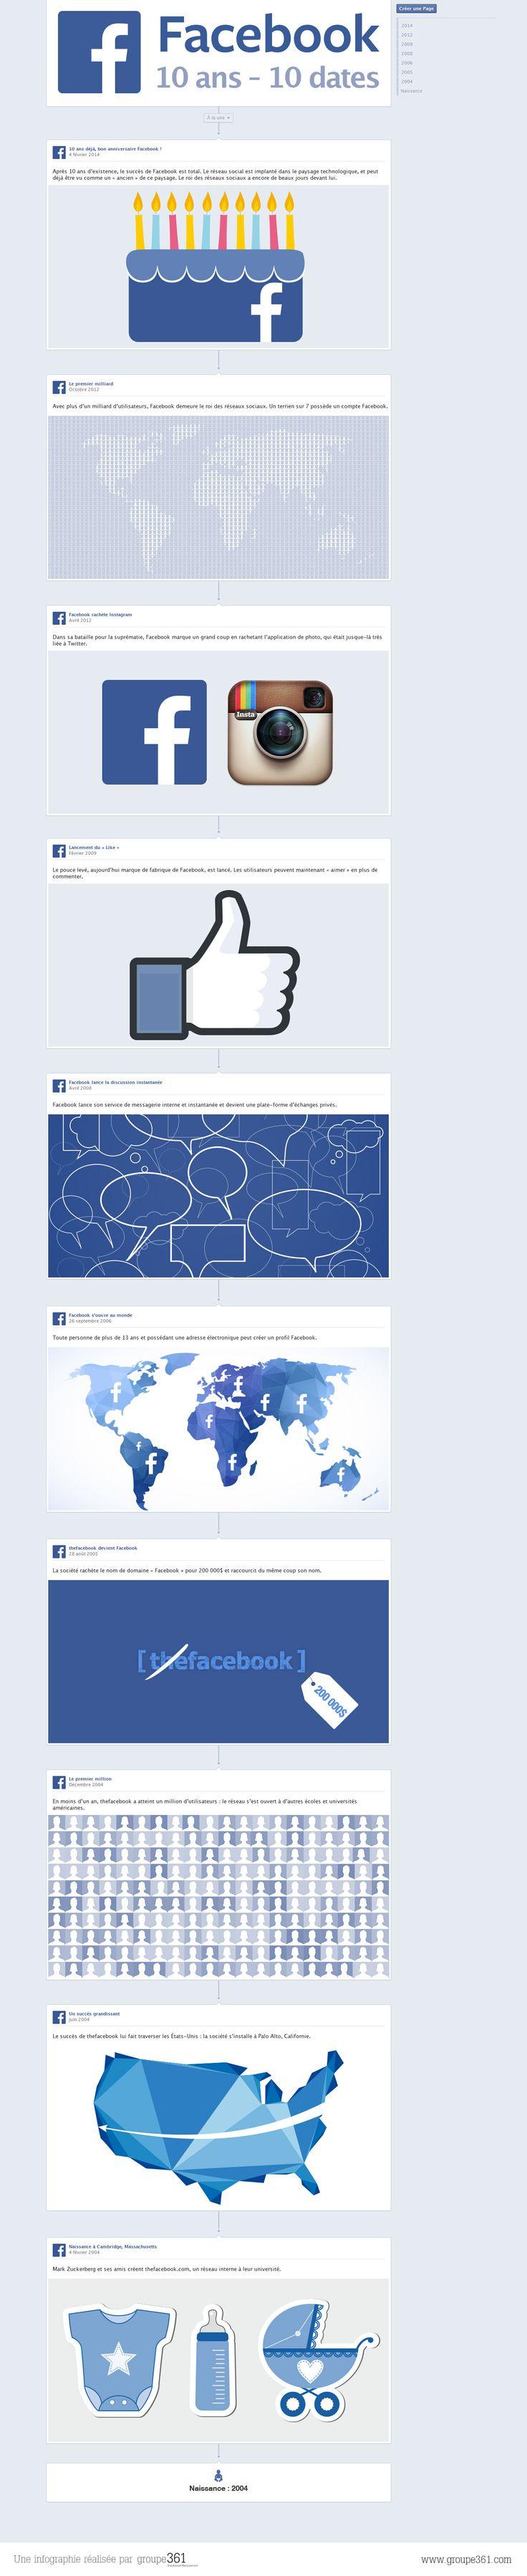 #Facebook fête ses 10 ans. Retour en 10 dates sur cette décennie de succès. #SocialMedia